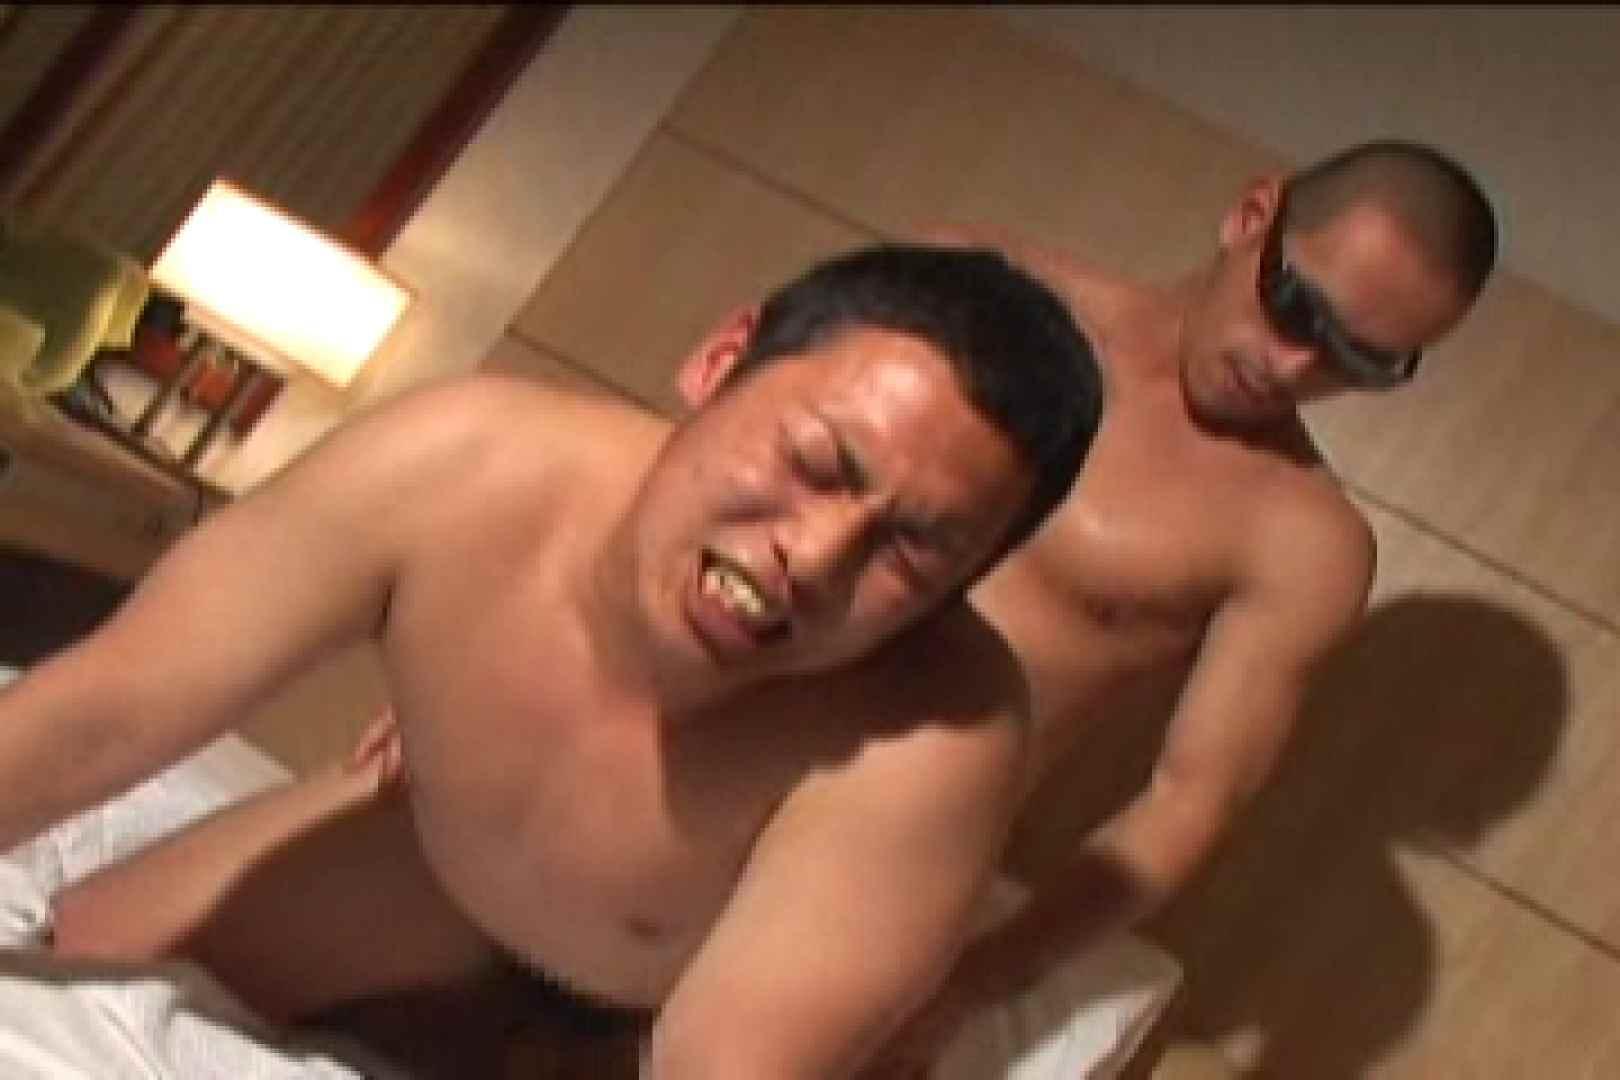 スポMENファック!!反り勃つ男根!!vol.6 男の裸 ゲイモロ画像 112pic 93